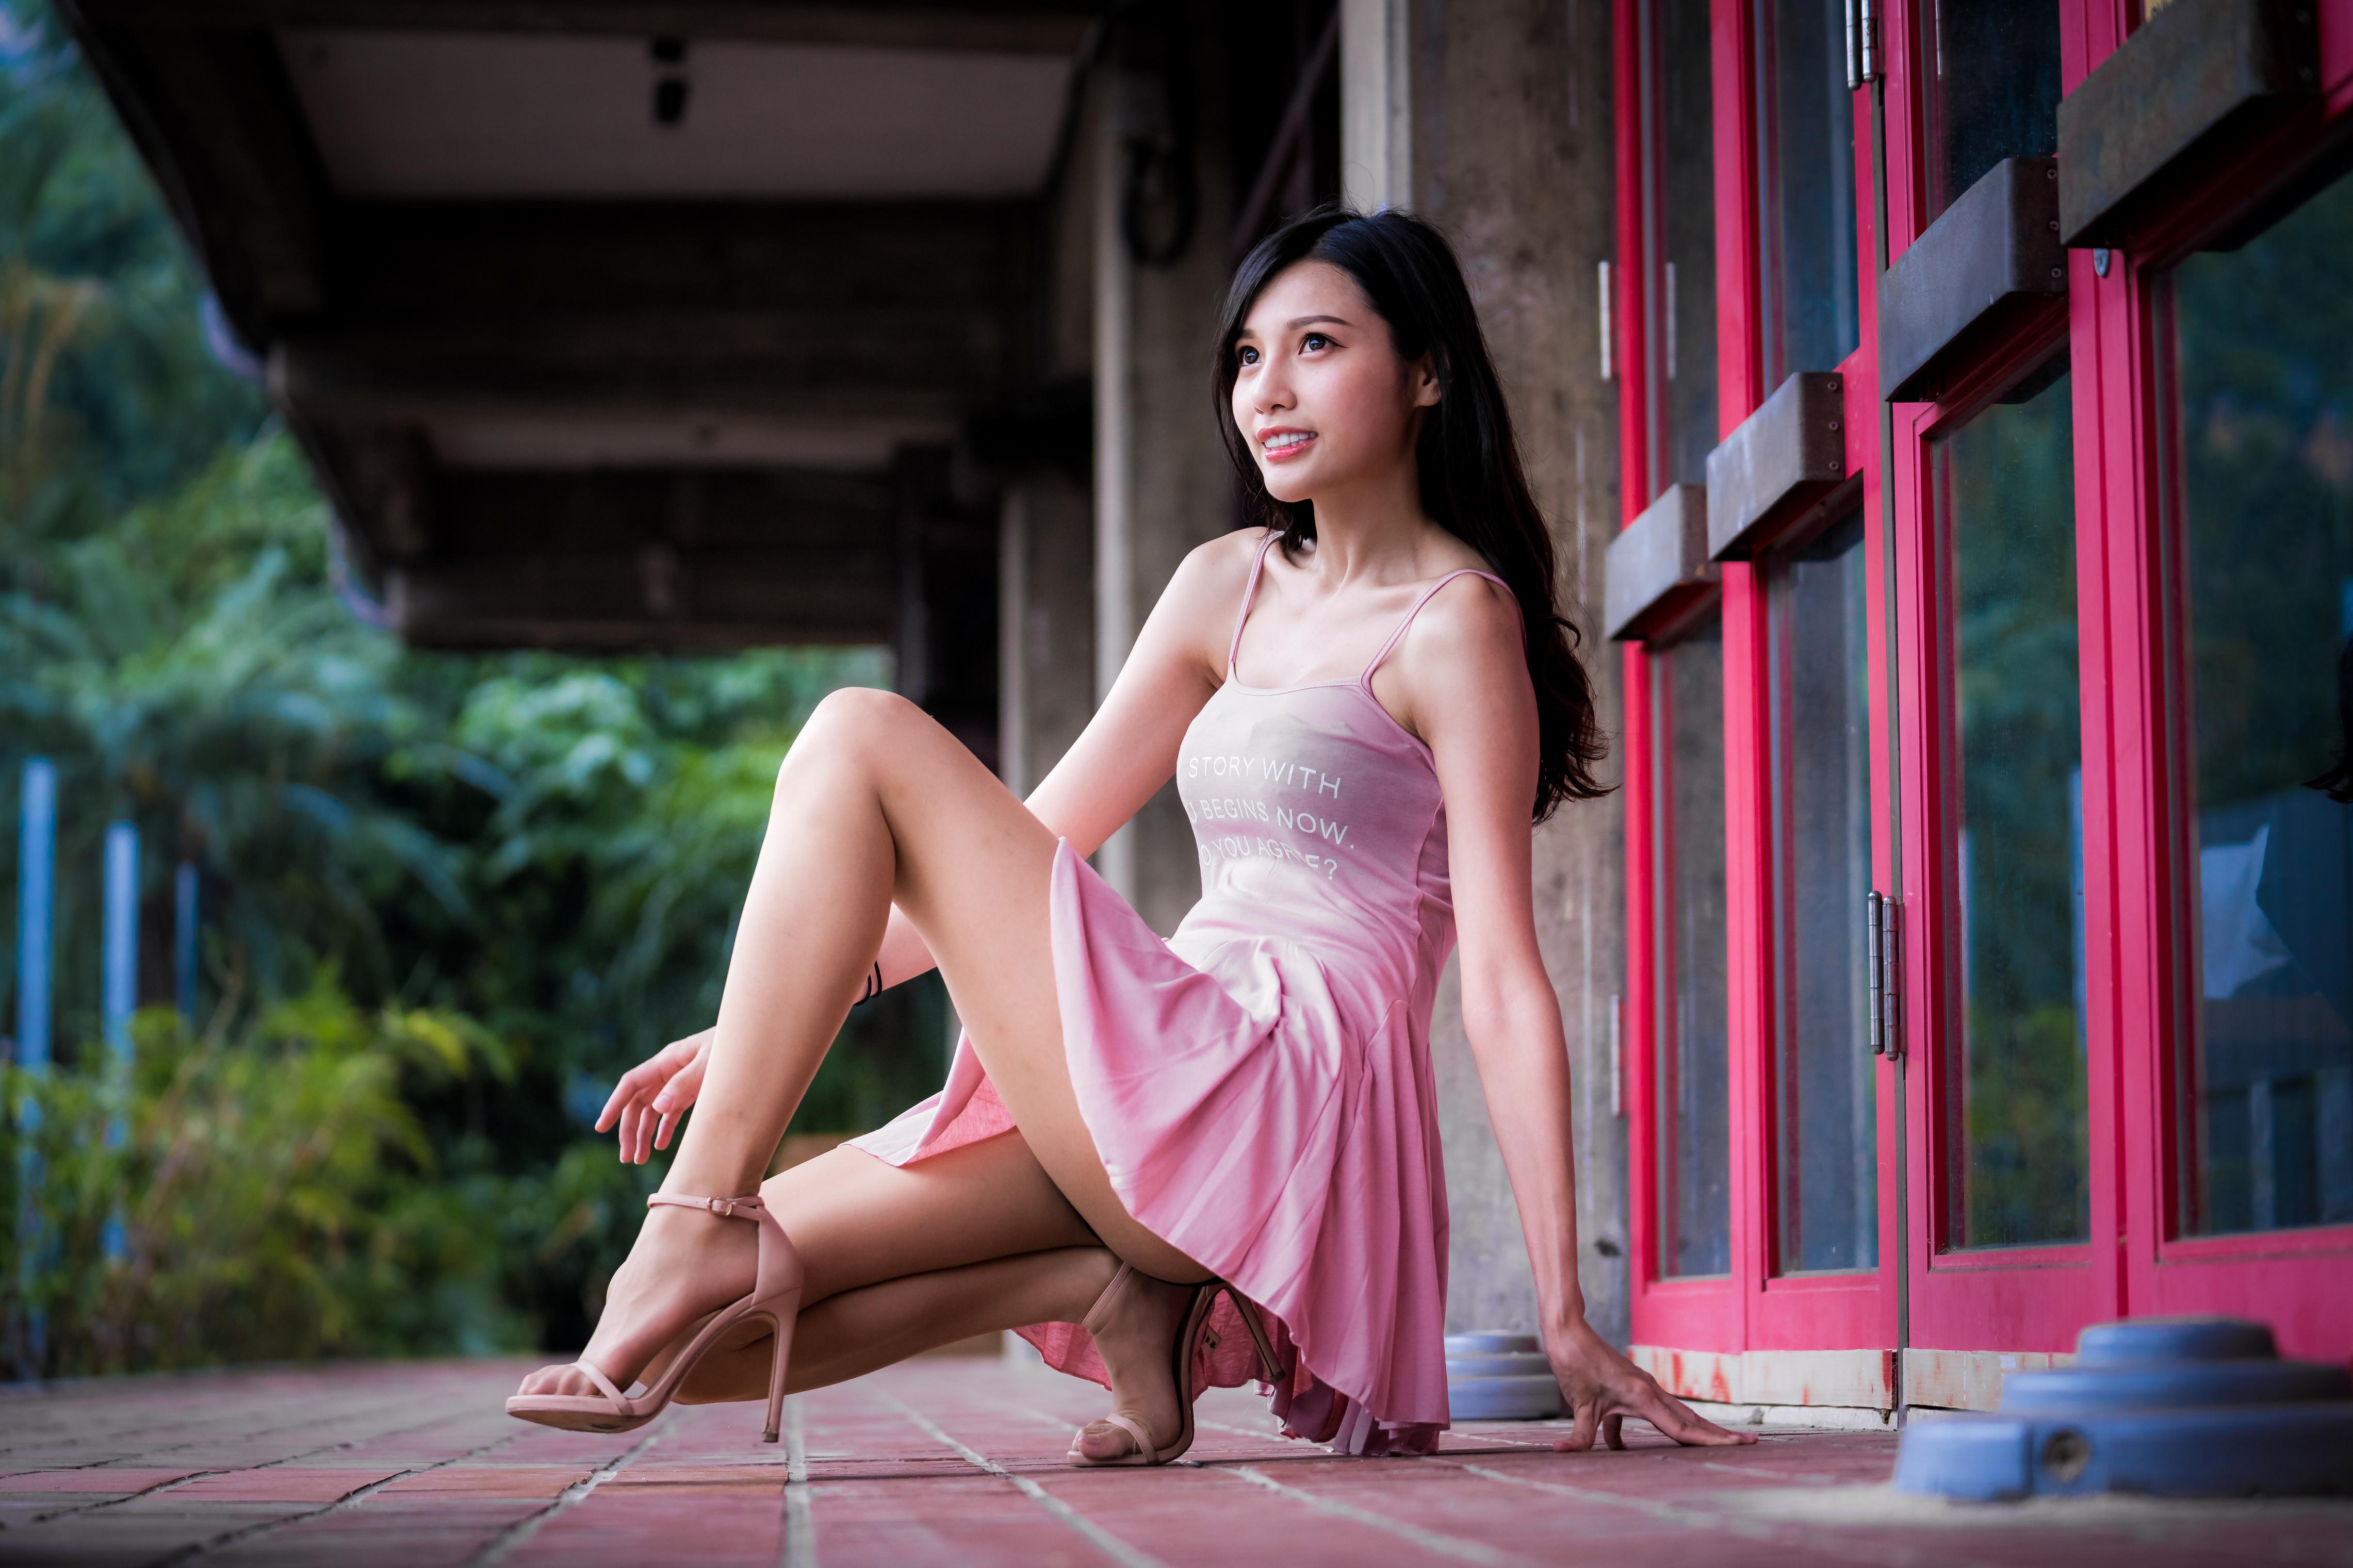 Картинка Брюнетка молодая женщина ног азиатка Сидит смотрит Платье брюнетки брюнеток девушка Девушки молодые женщины Ноги Азиаты азиатки сидя сидящие Взгляд смотрят платья